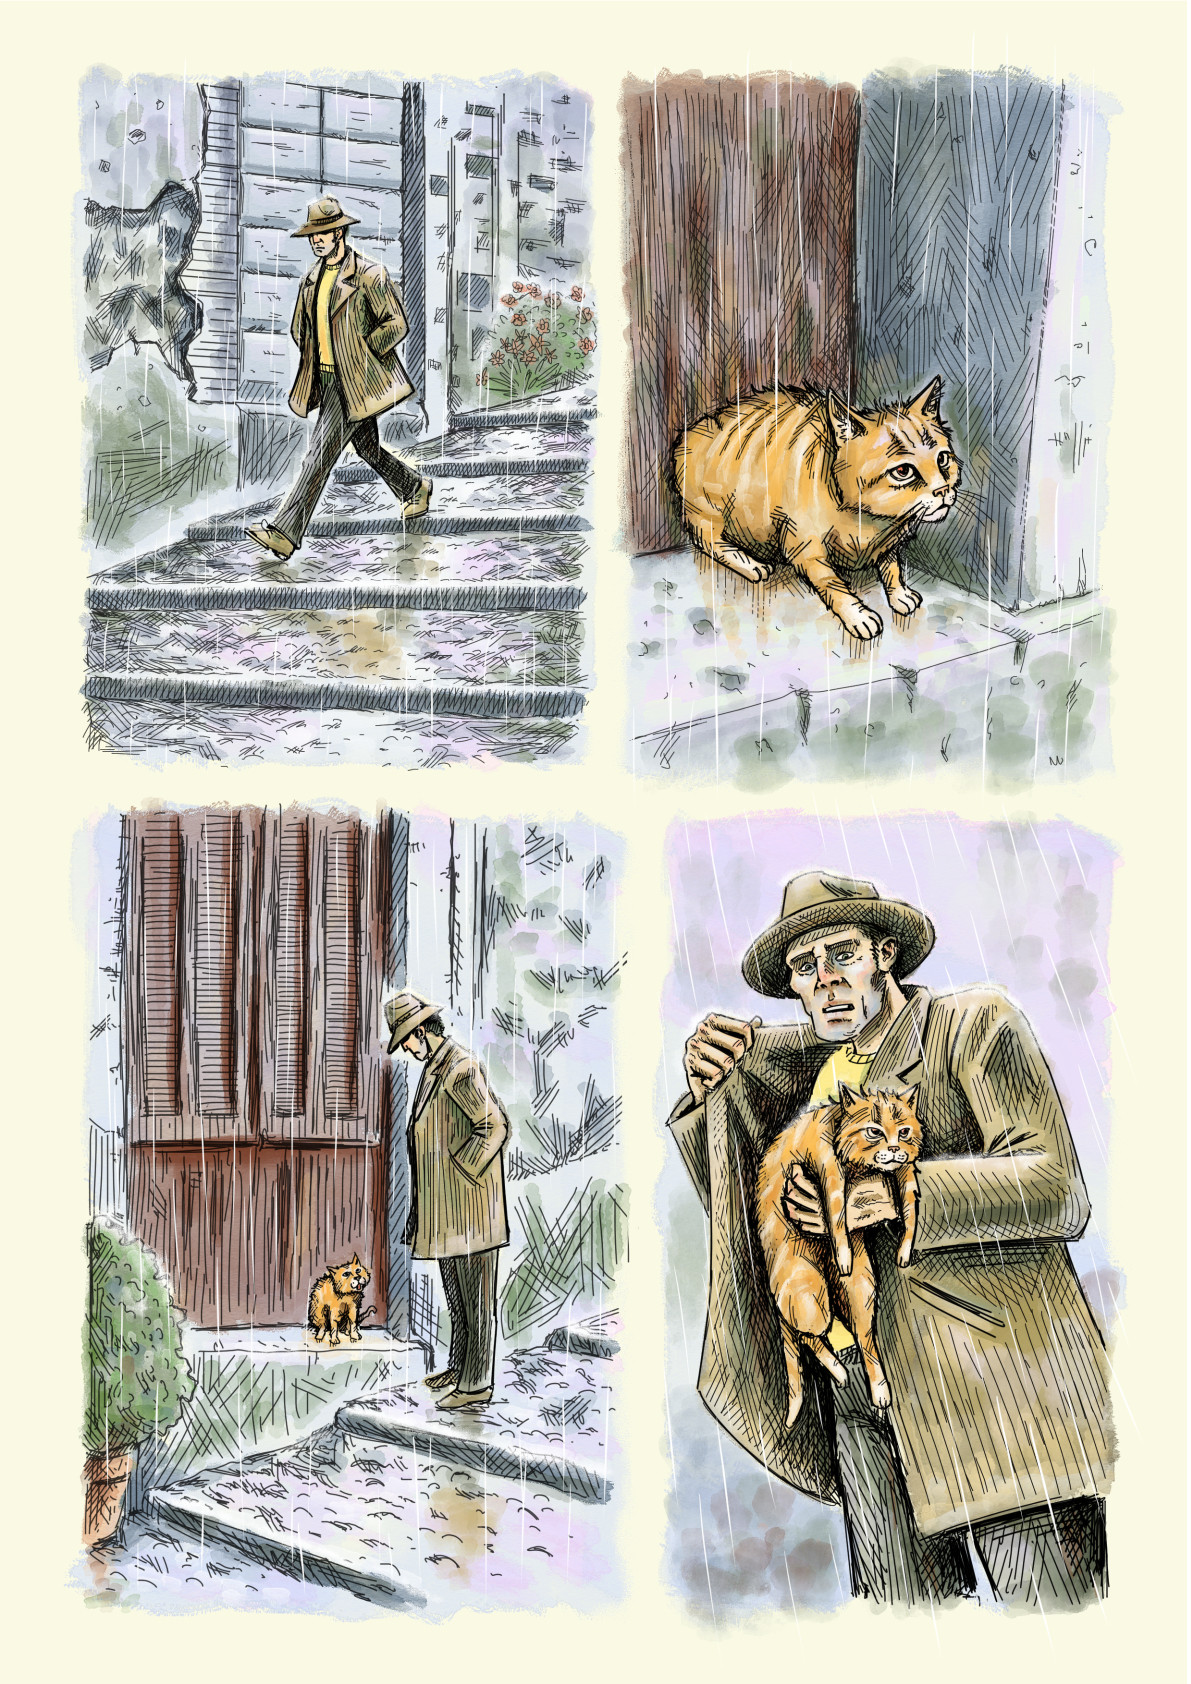 John ciarfuglia page 2 art